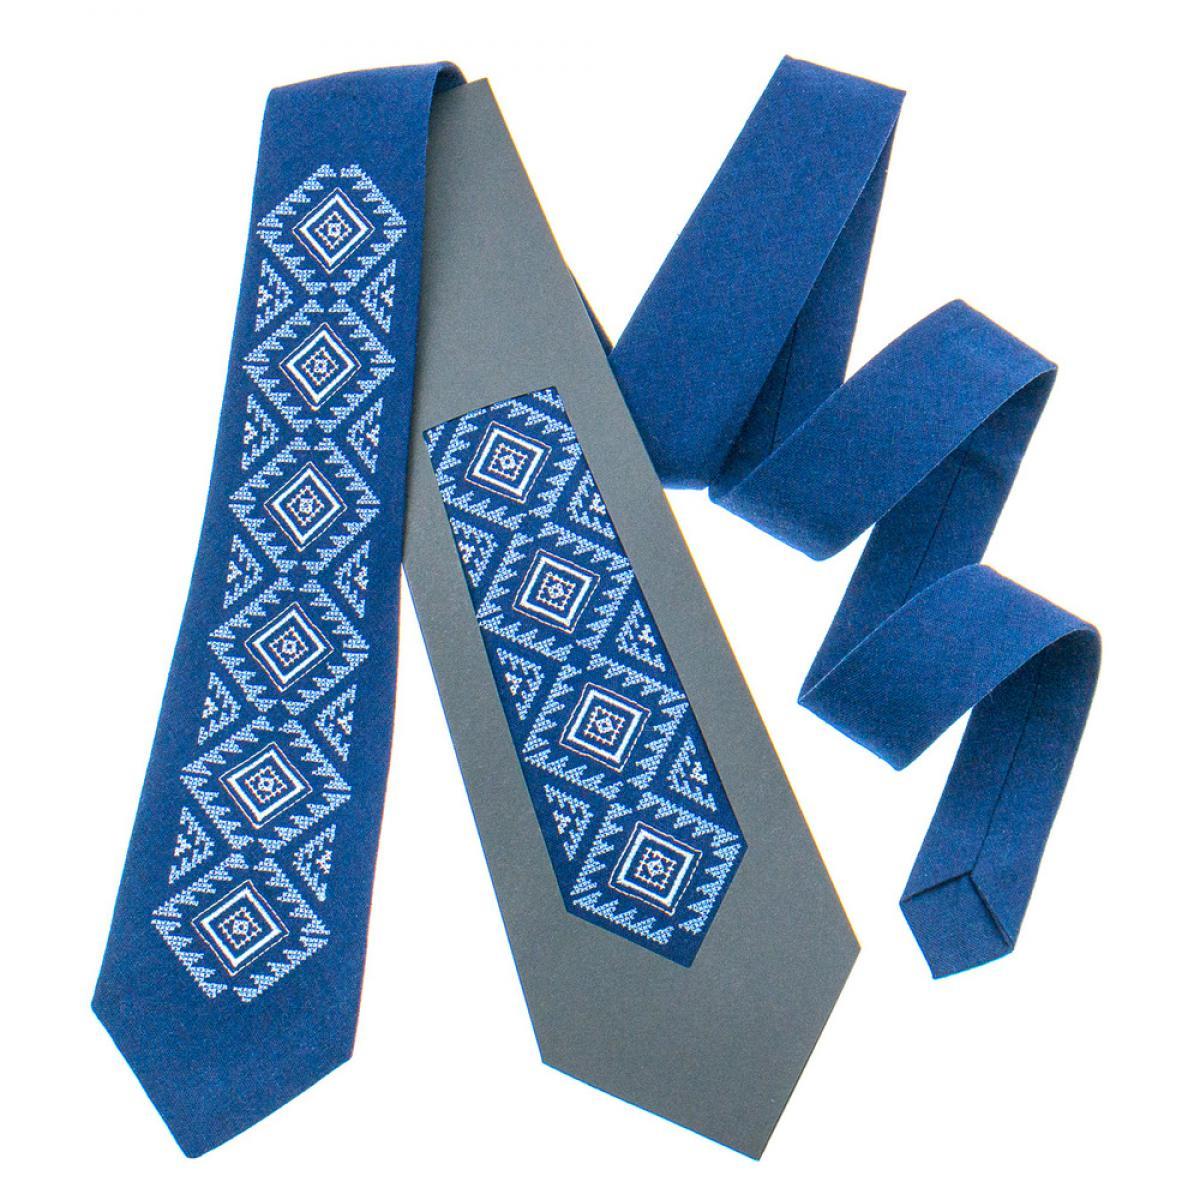 Класична вишита краватка синя виготовлена з натурального льону. Фото №1. | Народний дім Україна